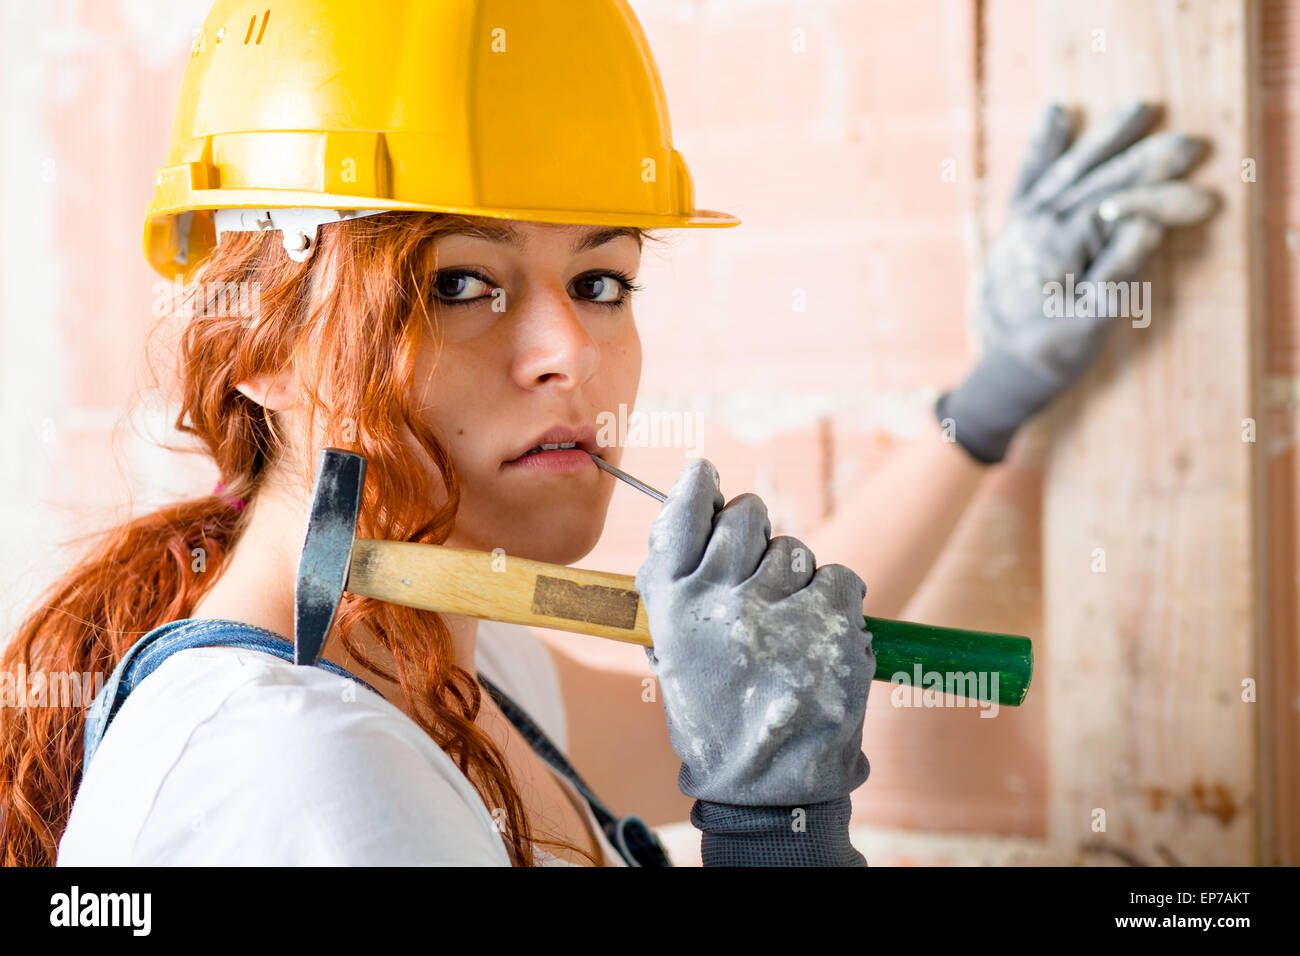 Femme avec casque de chantier tenant un marteau dans sa main Photo Stock